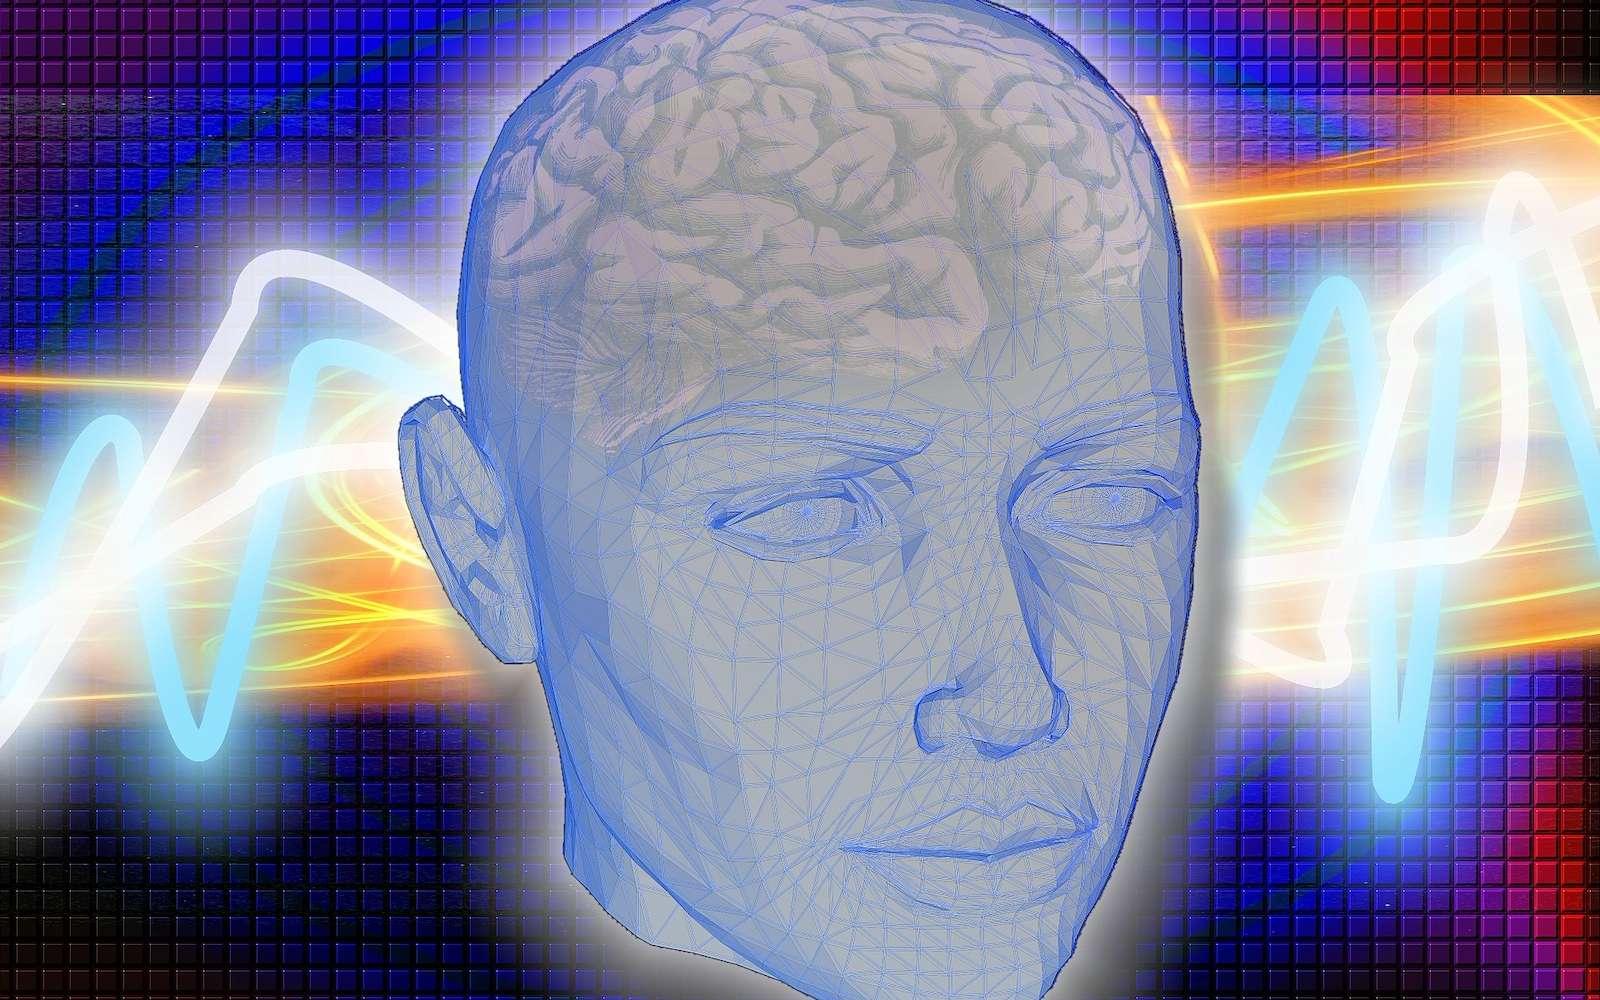 Pour leurs expériences, les chercheurs ont utilisé un système d'électrodes invasif pour mesurer l'activité du cerveau. © kalhh, pixabay